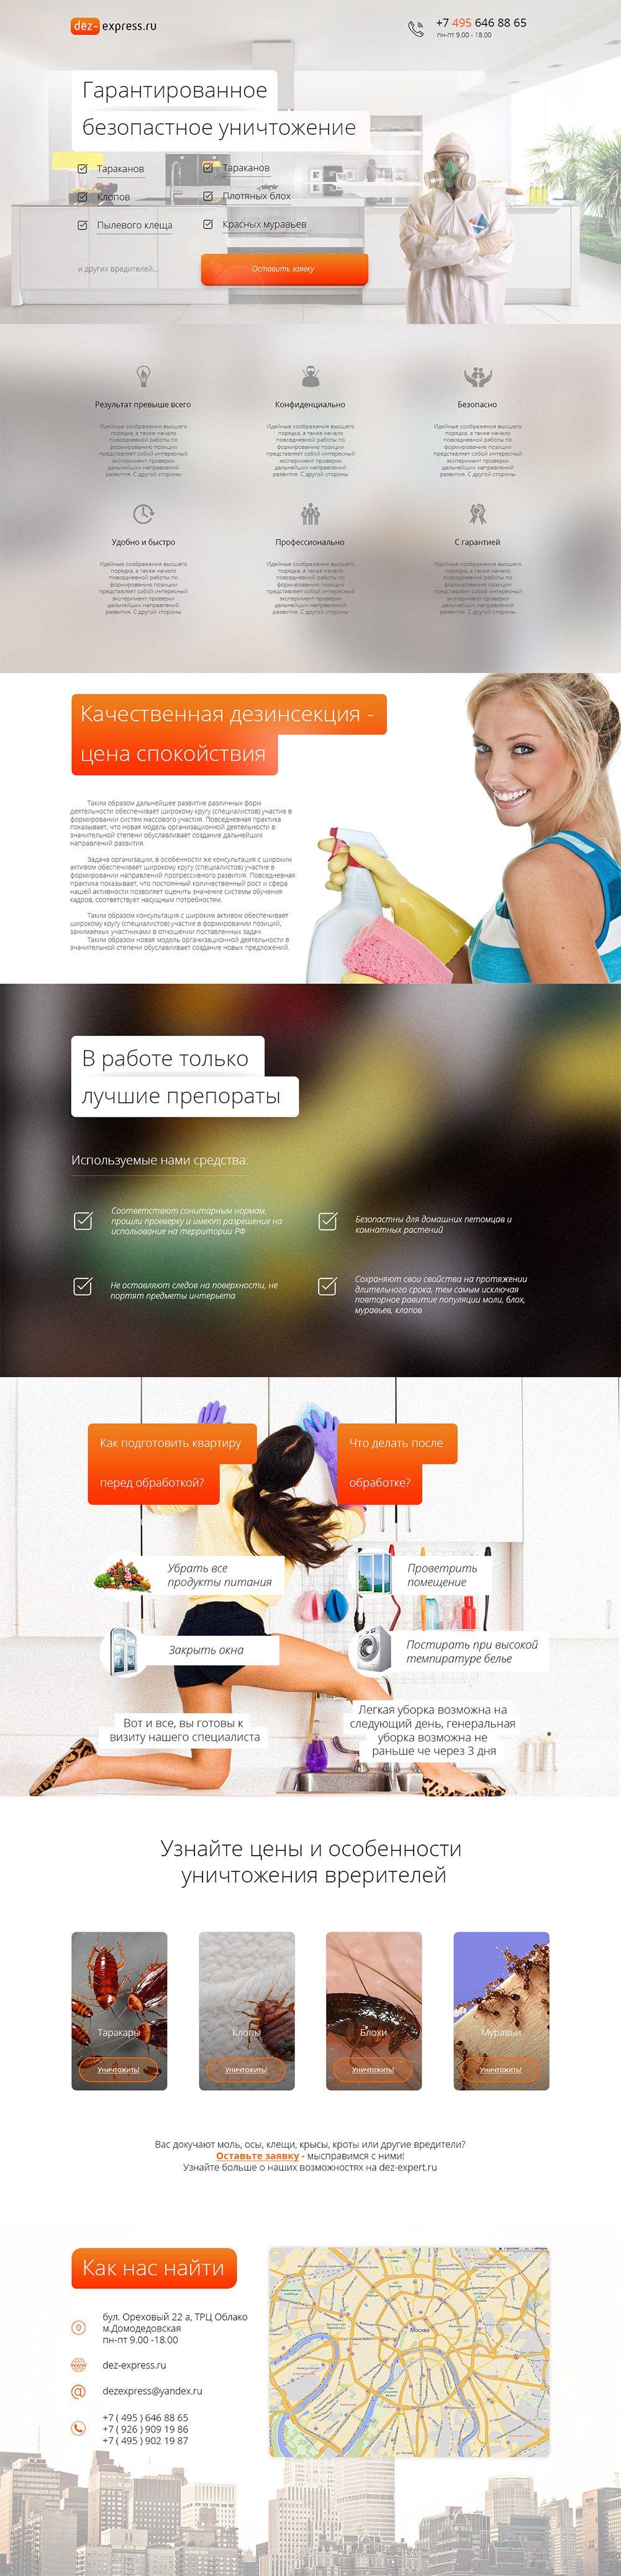 LP на услуги дезинфекции - дизайнер dixcreator